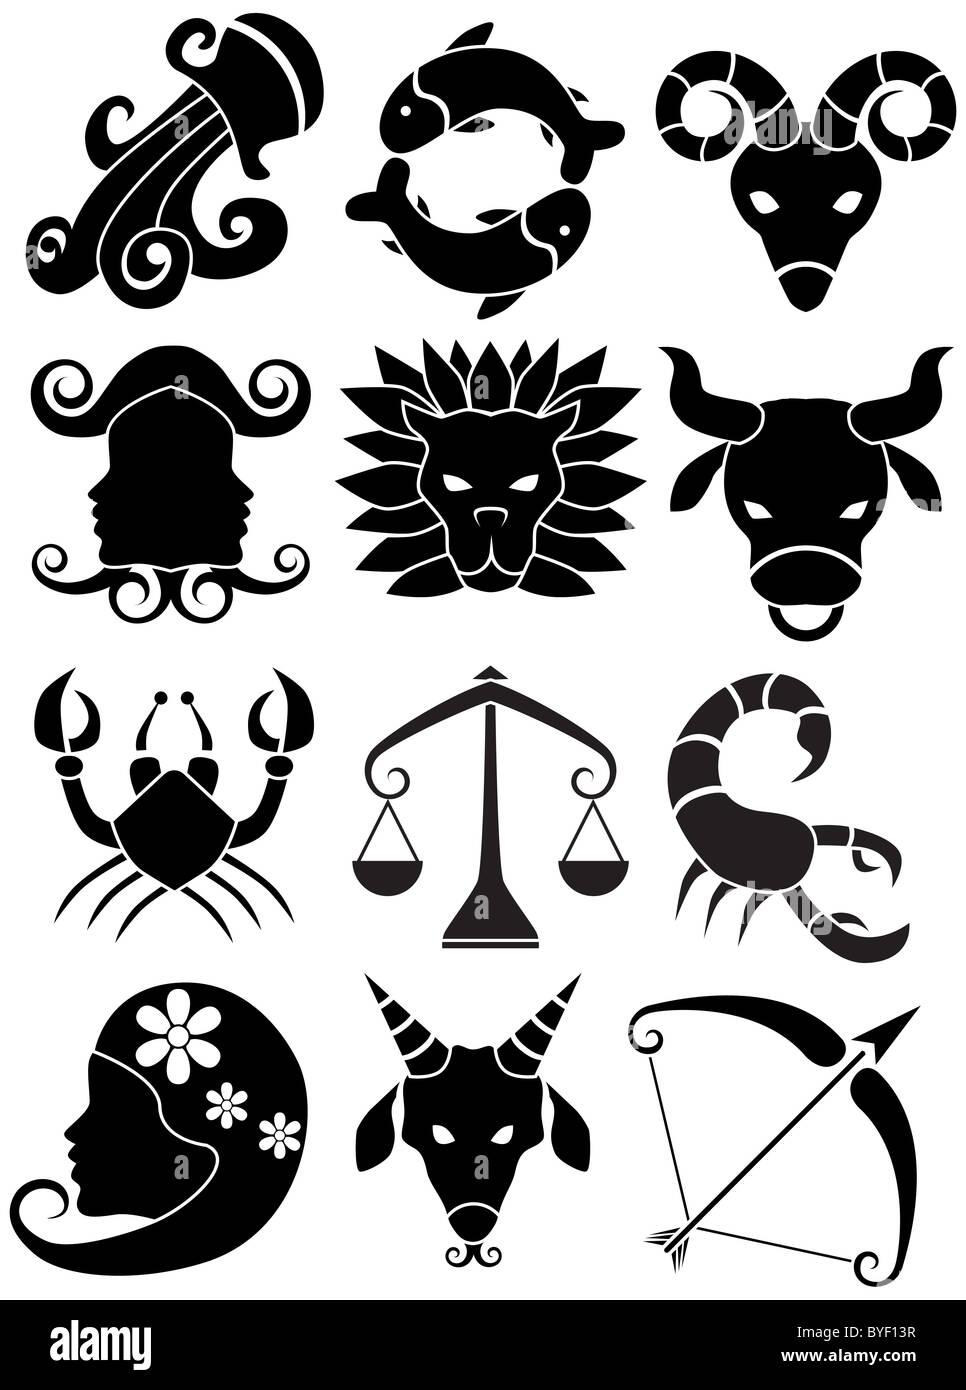 Un'immagine di 12 simboli dello zodiaco. Immagini Stock